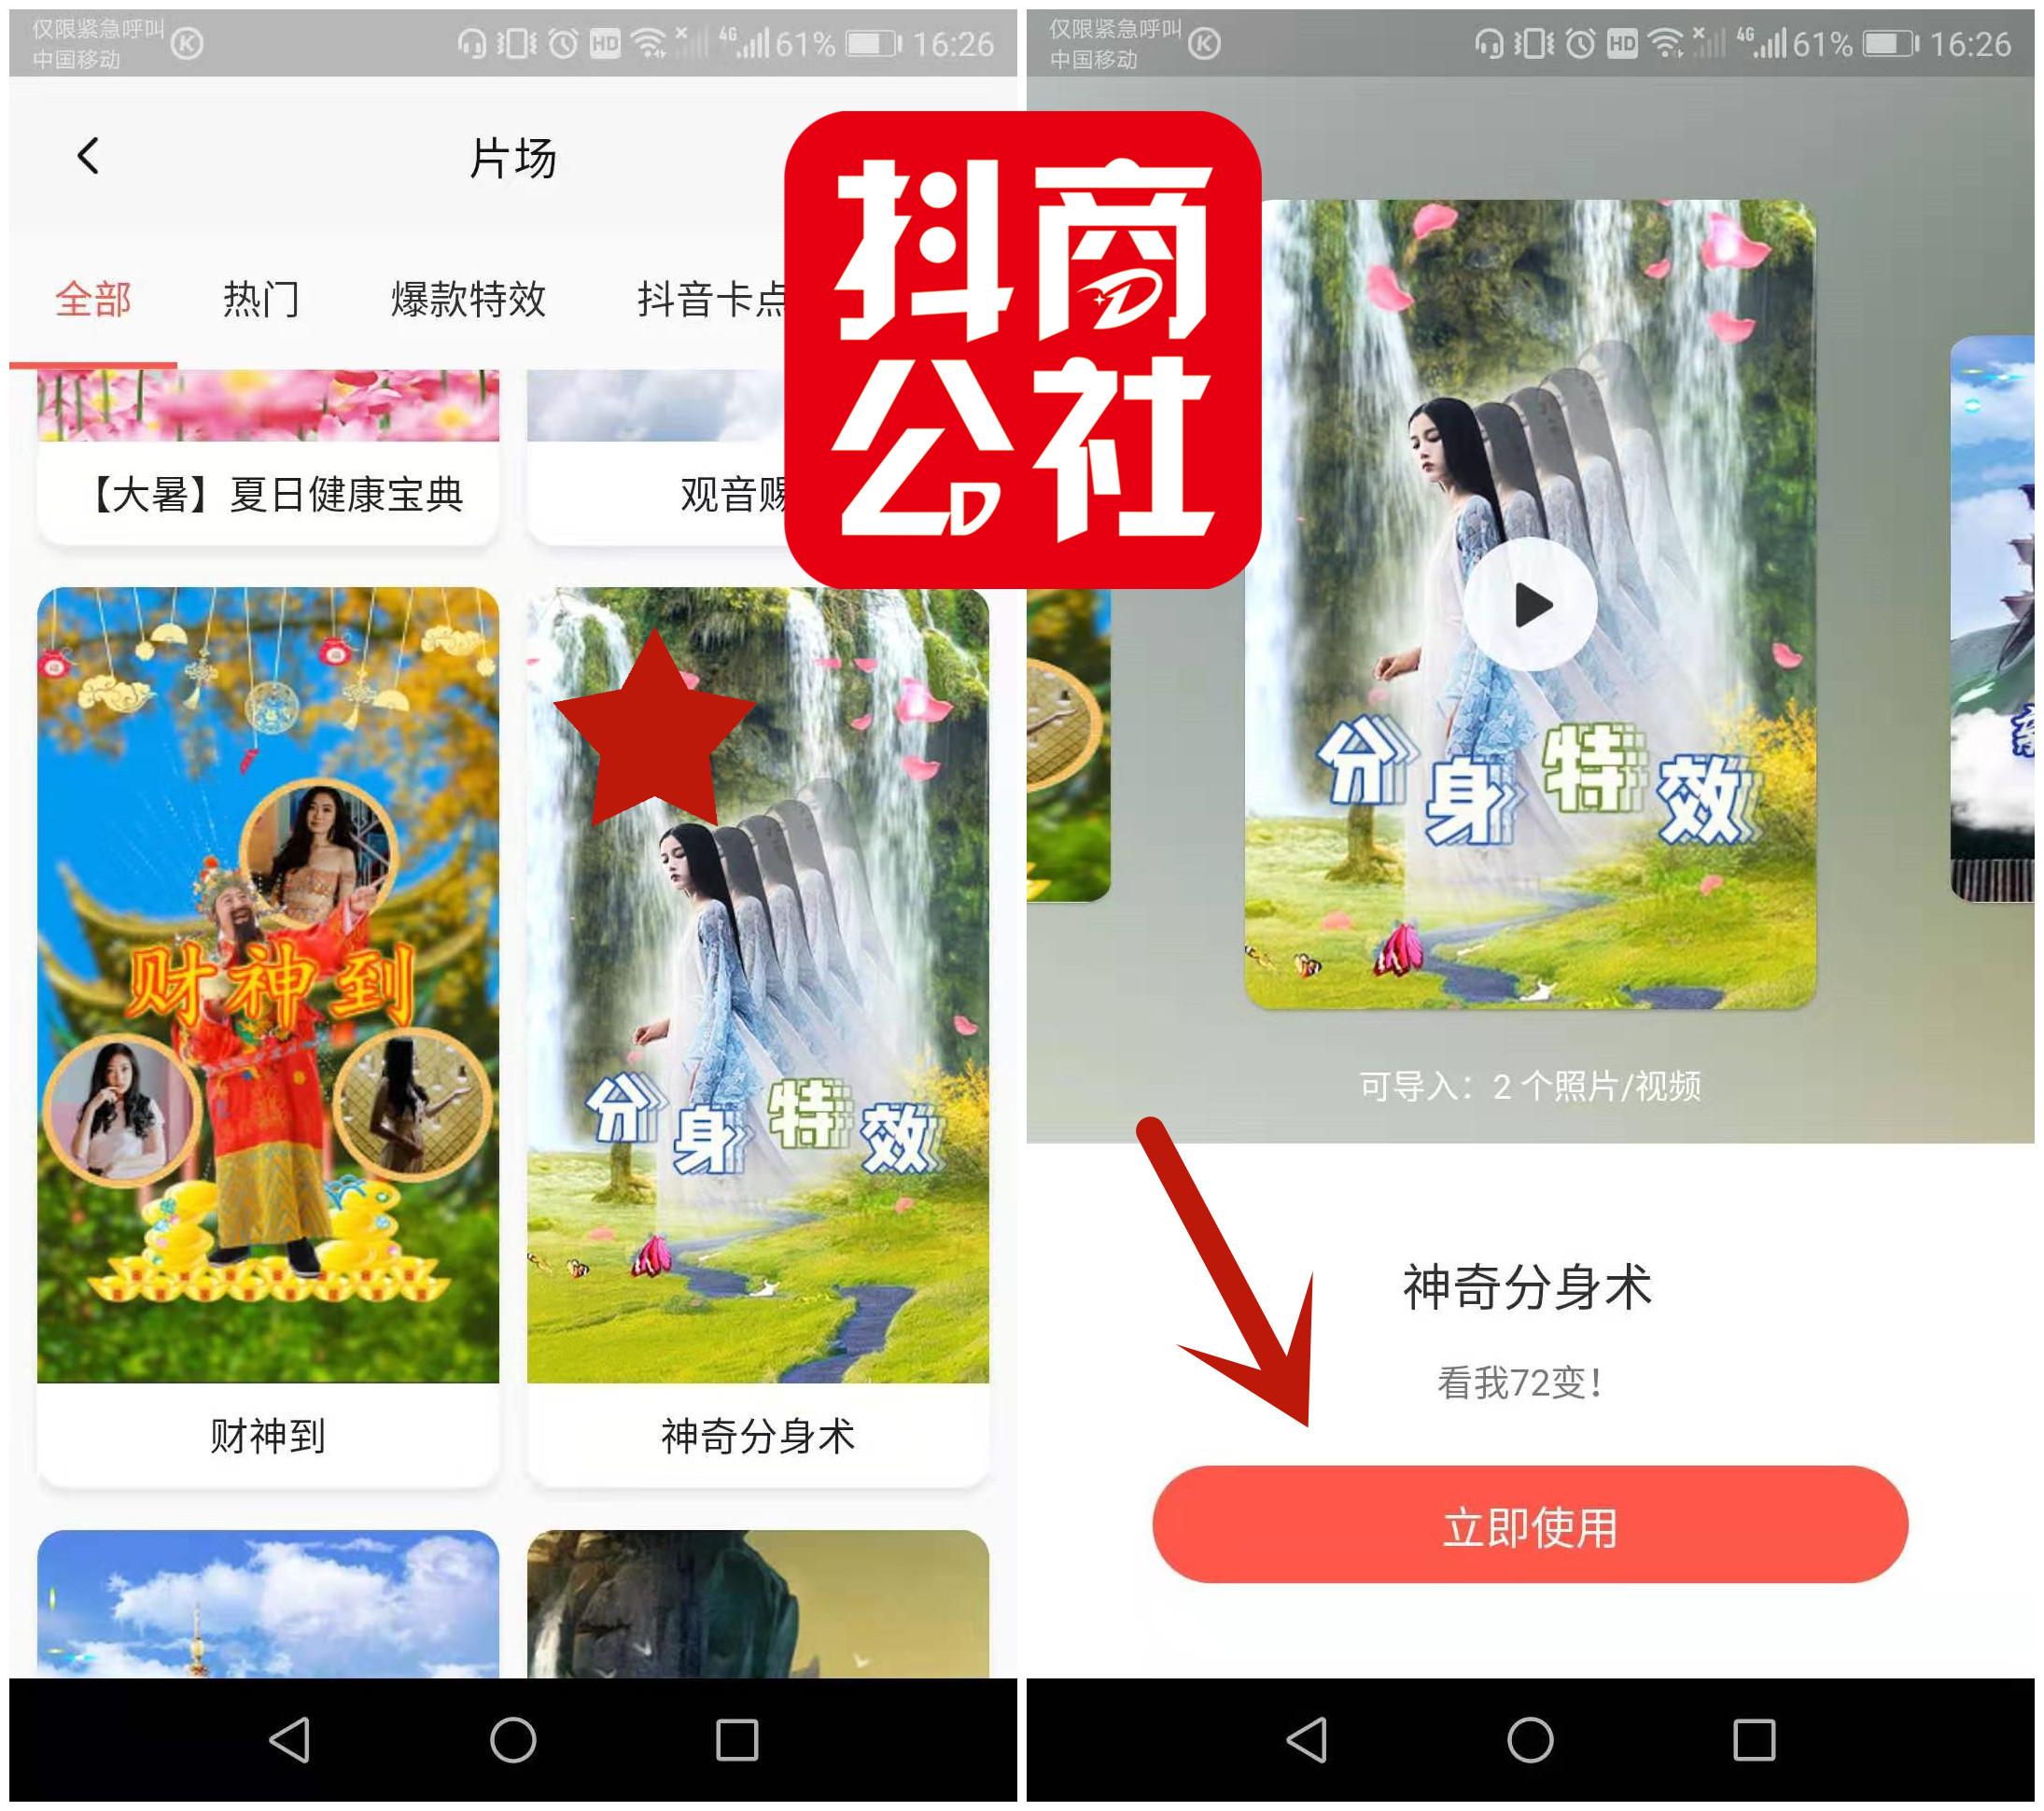 免费版抖音特效制作软件分享,可以一键生成变身特效视频的软件app哟!